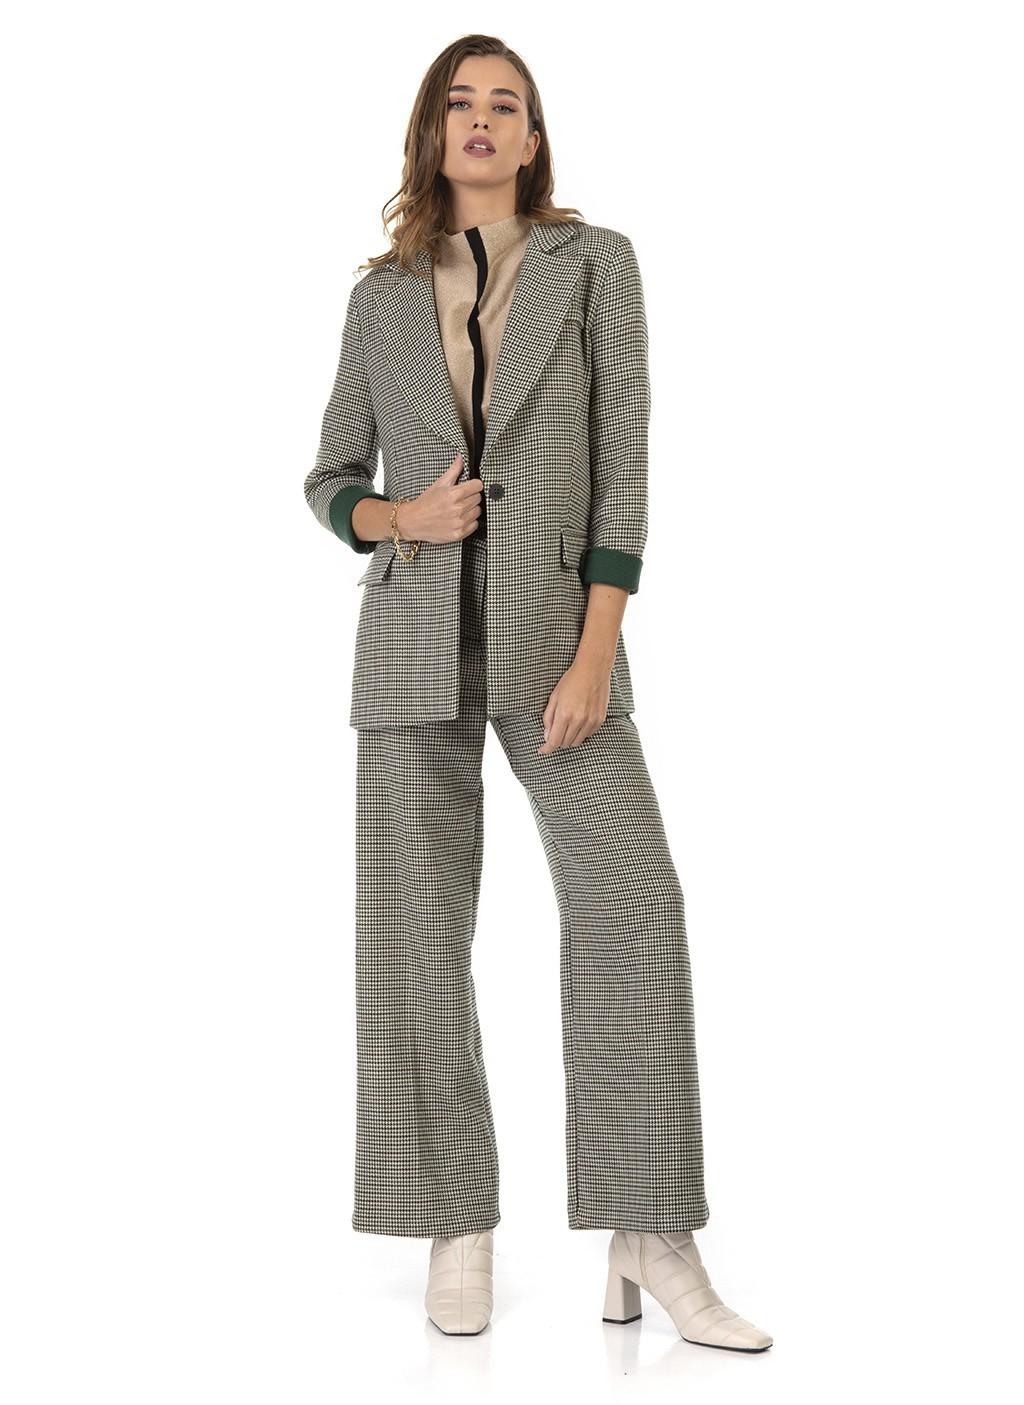 Κοστούμι πτι καρό με μακρύ...